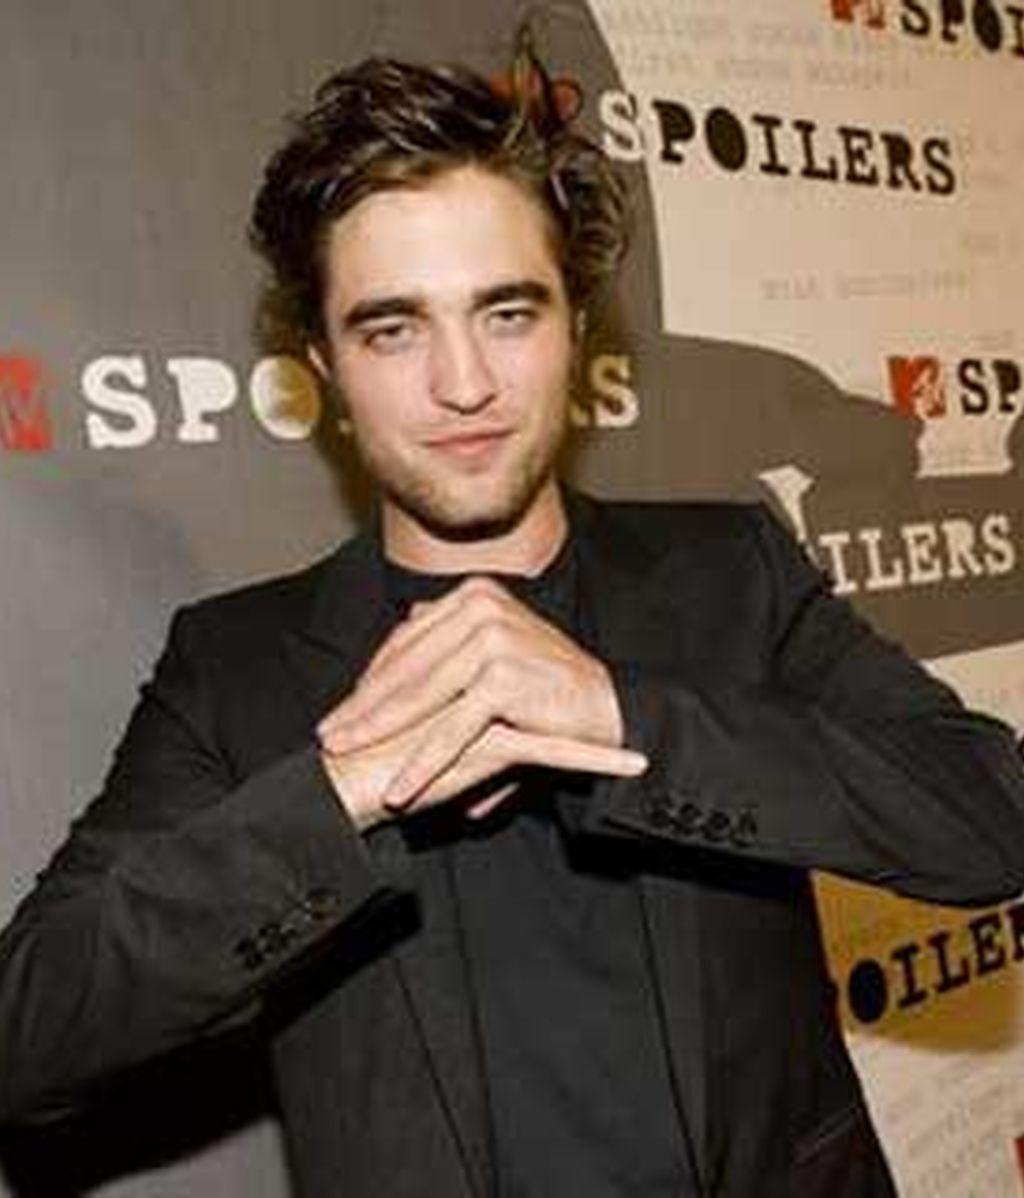 Pattinson tuvo que hacer verdaderos esfuerzos por pegar un puñetazo a un especialista en una escena. Foto: AP: